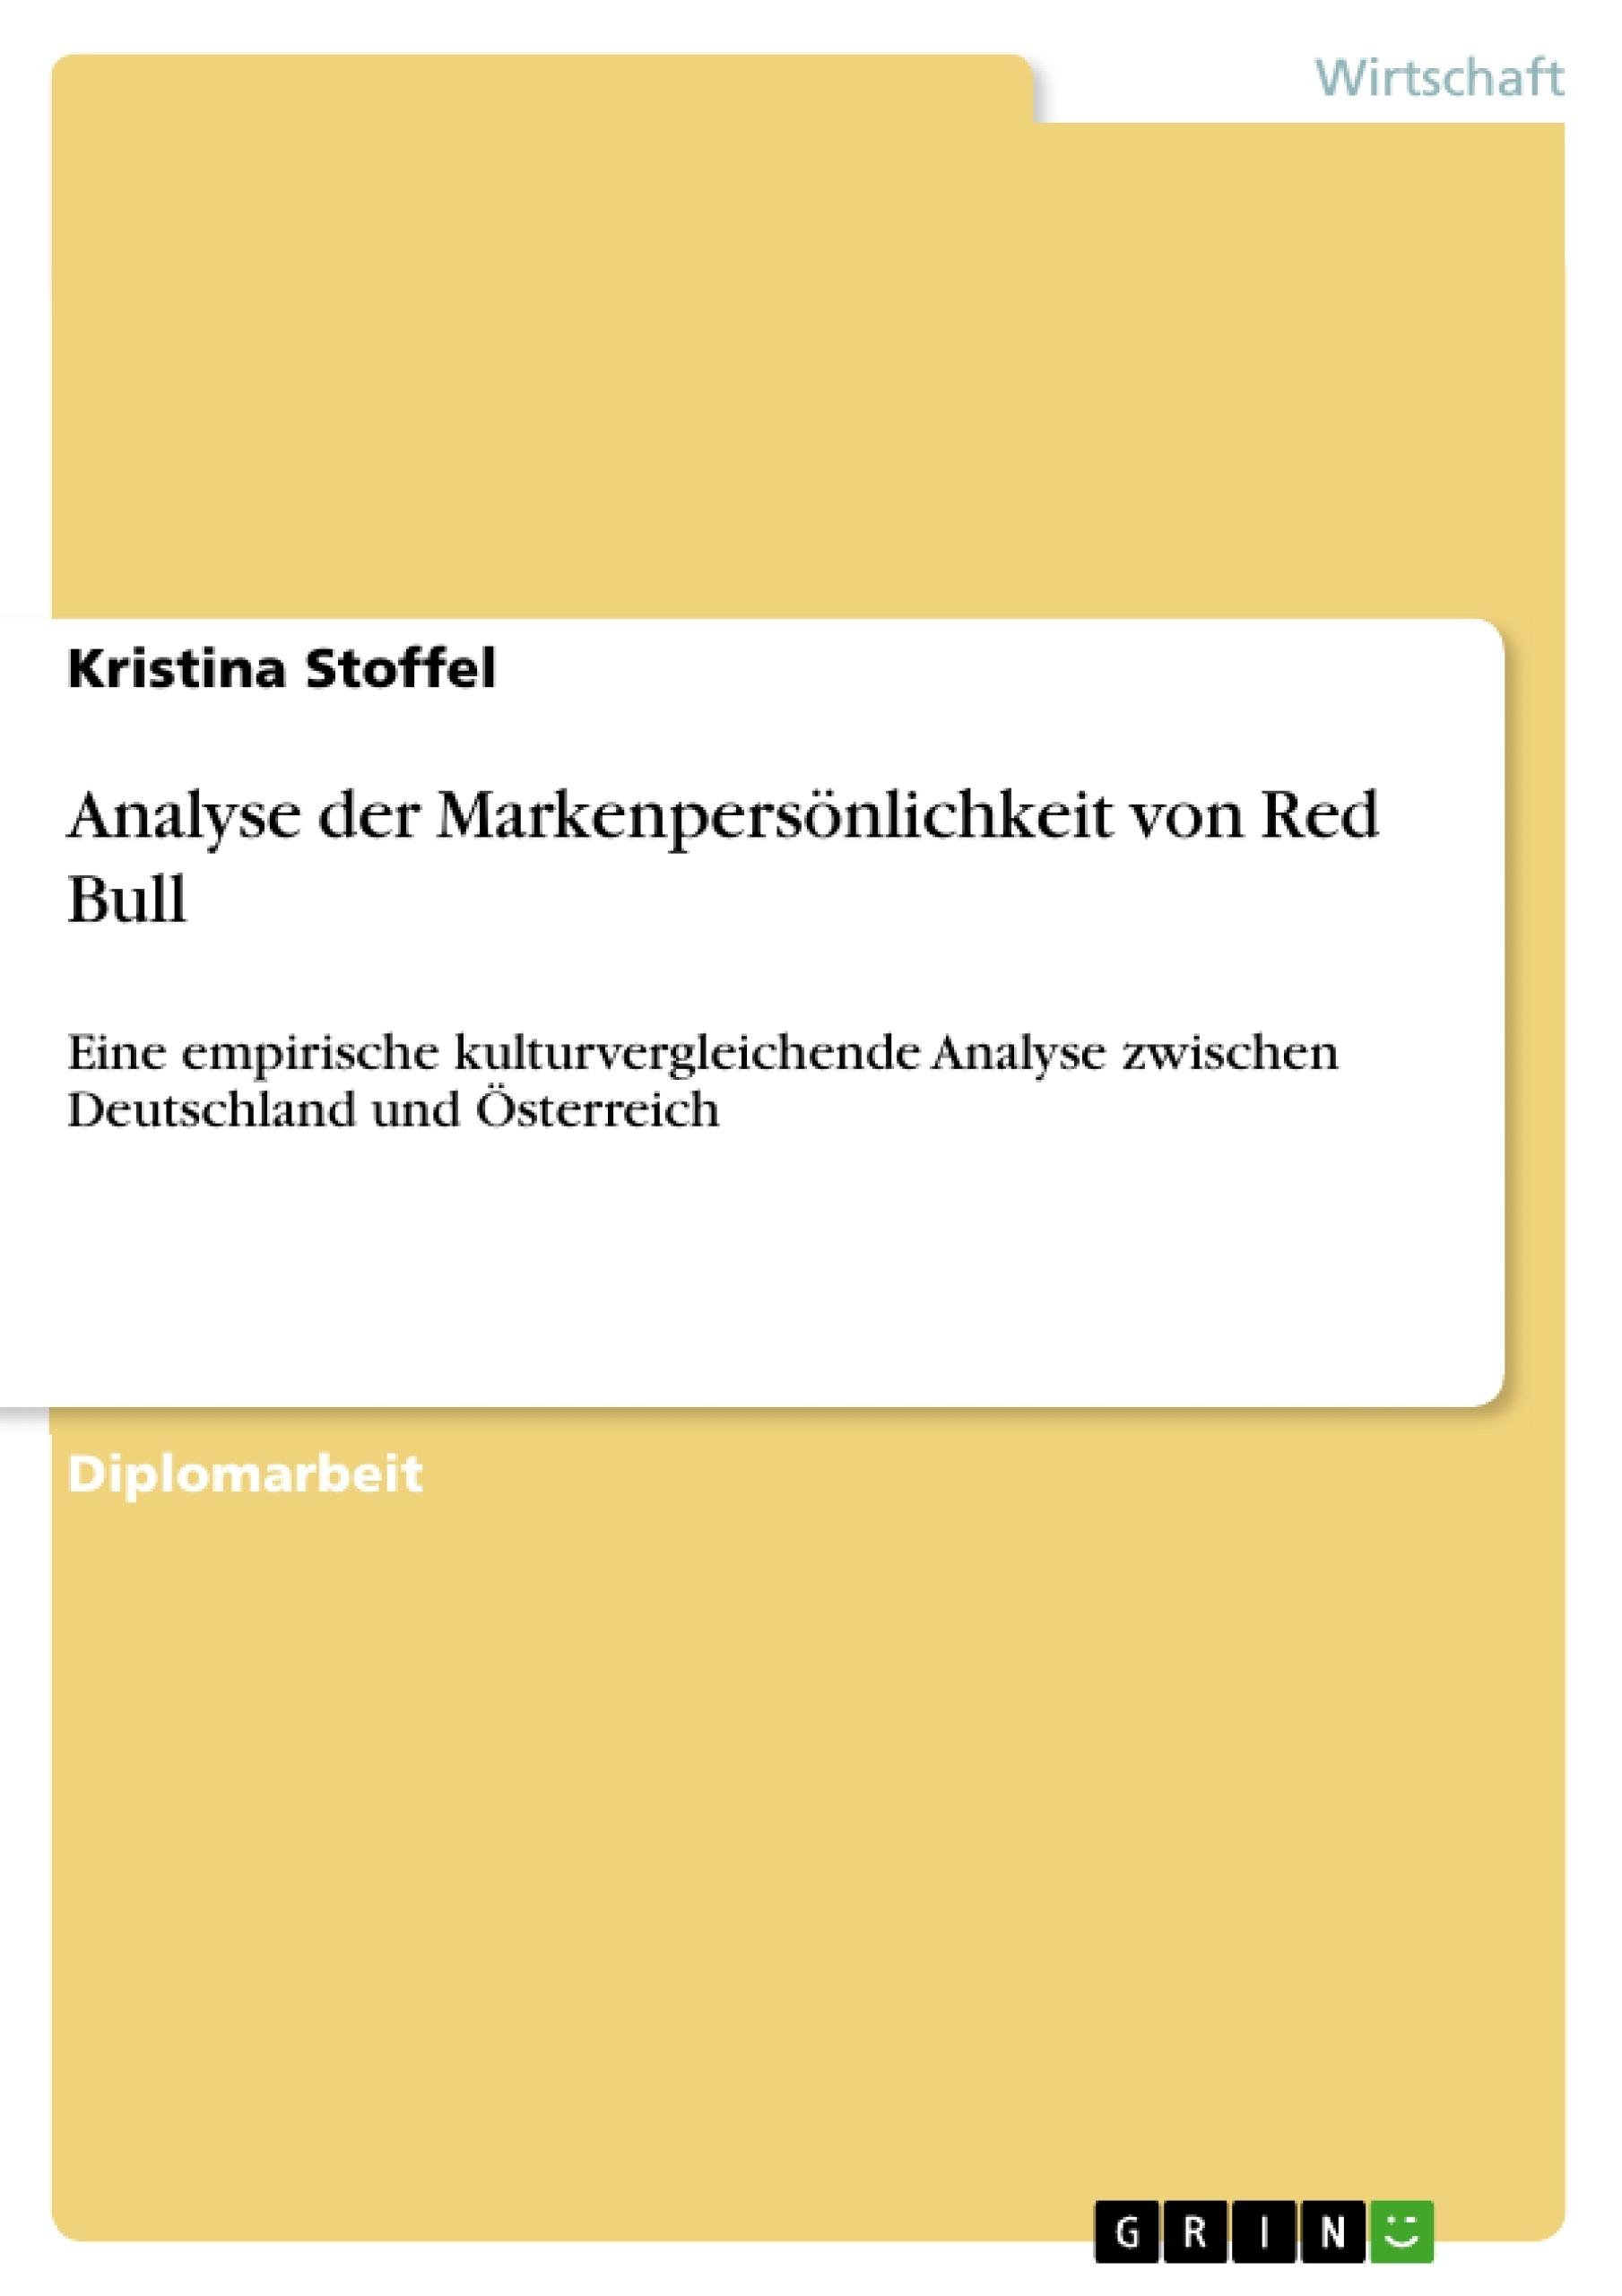 Titel: Analyse der Markenpersönlichkeit von Red Bull